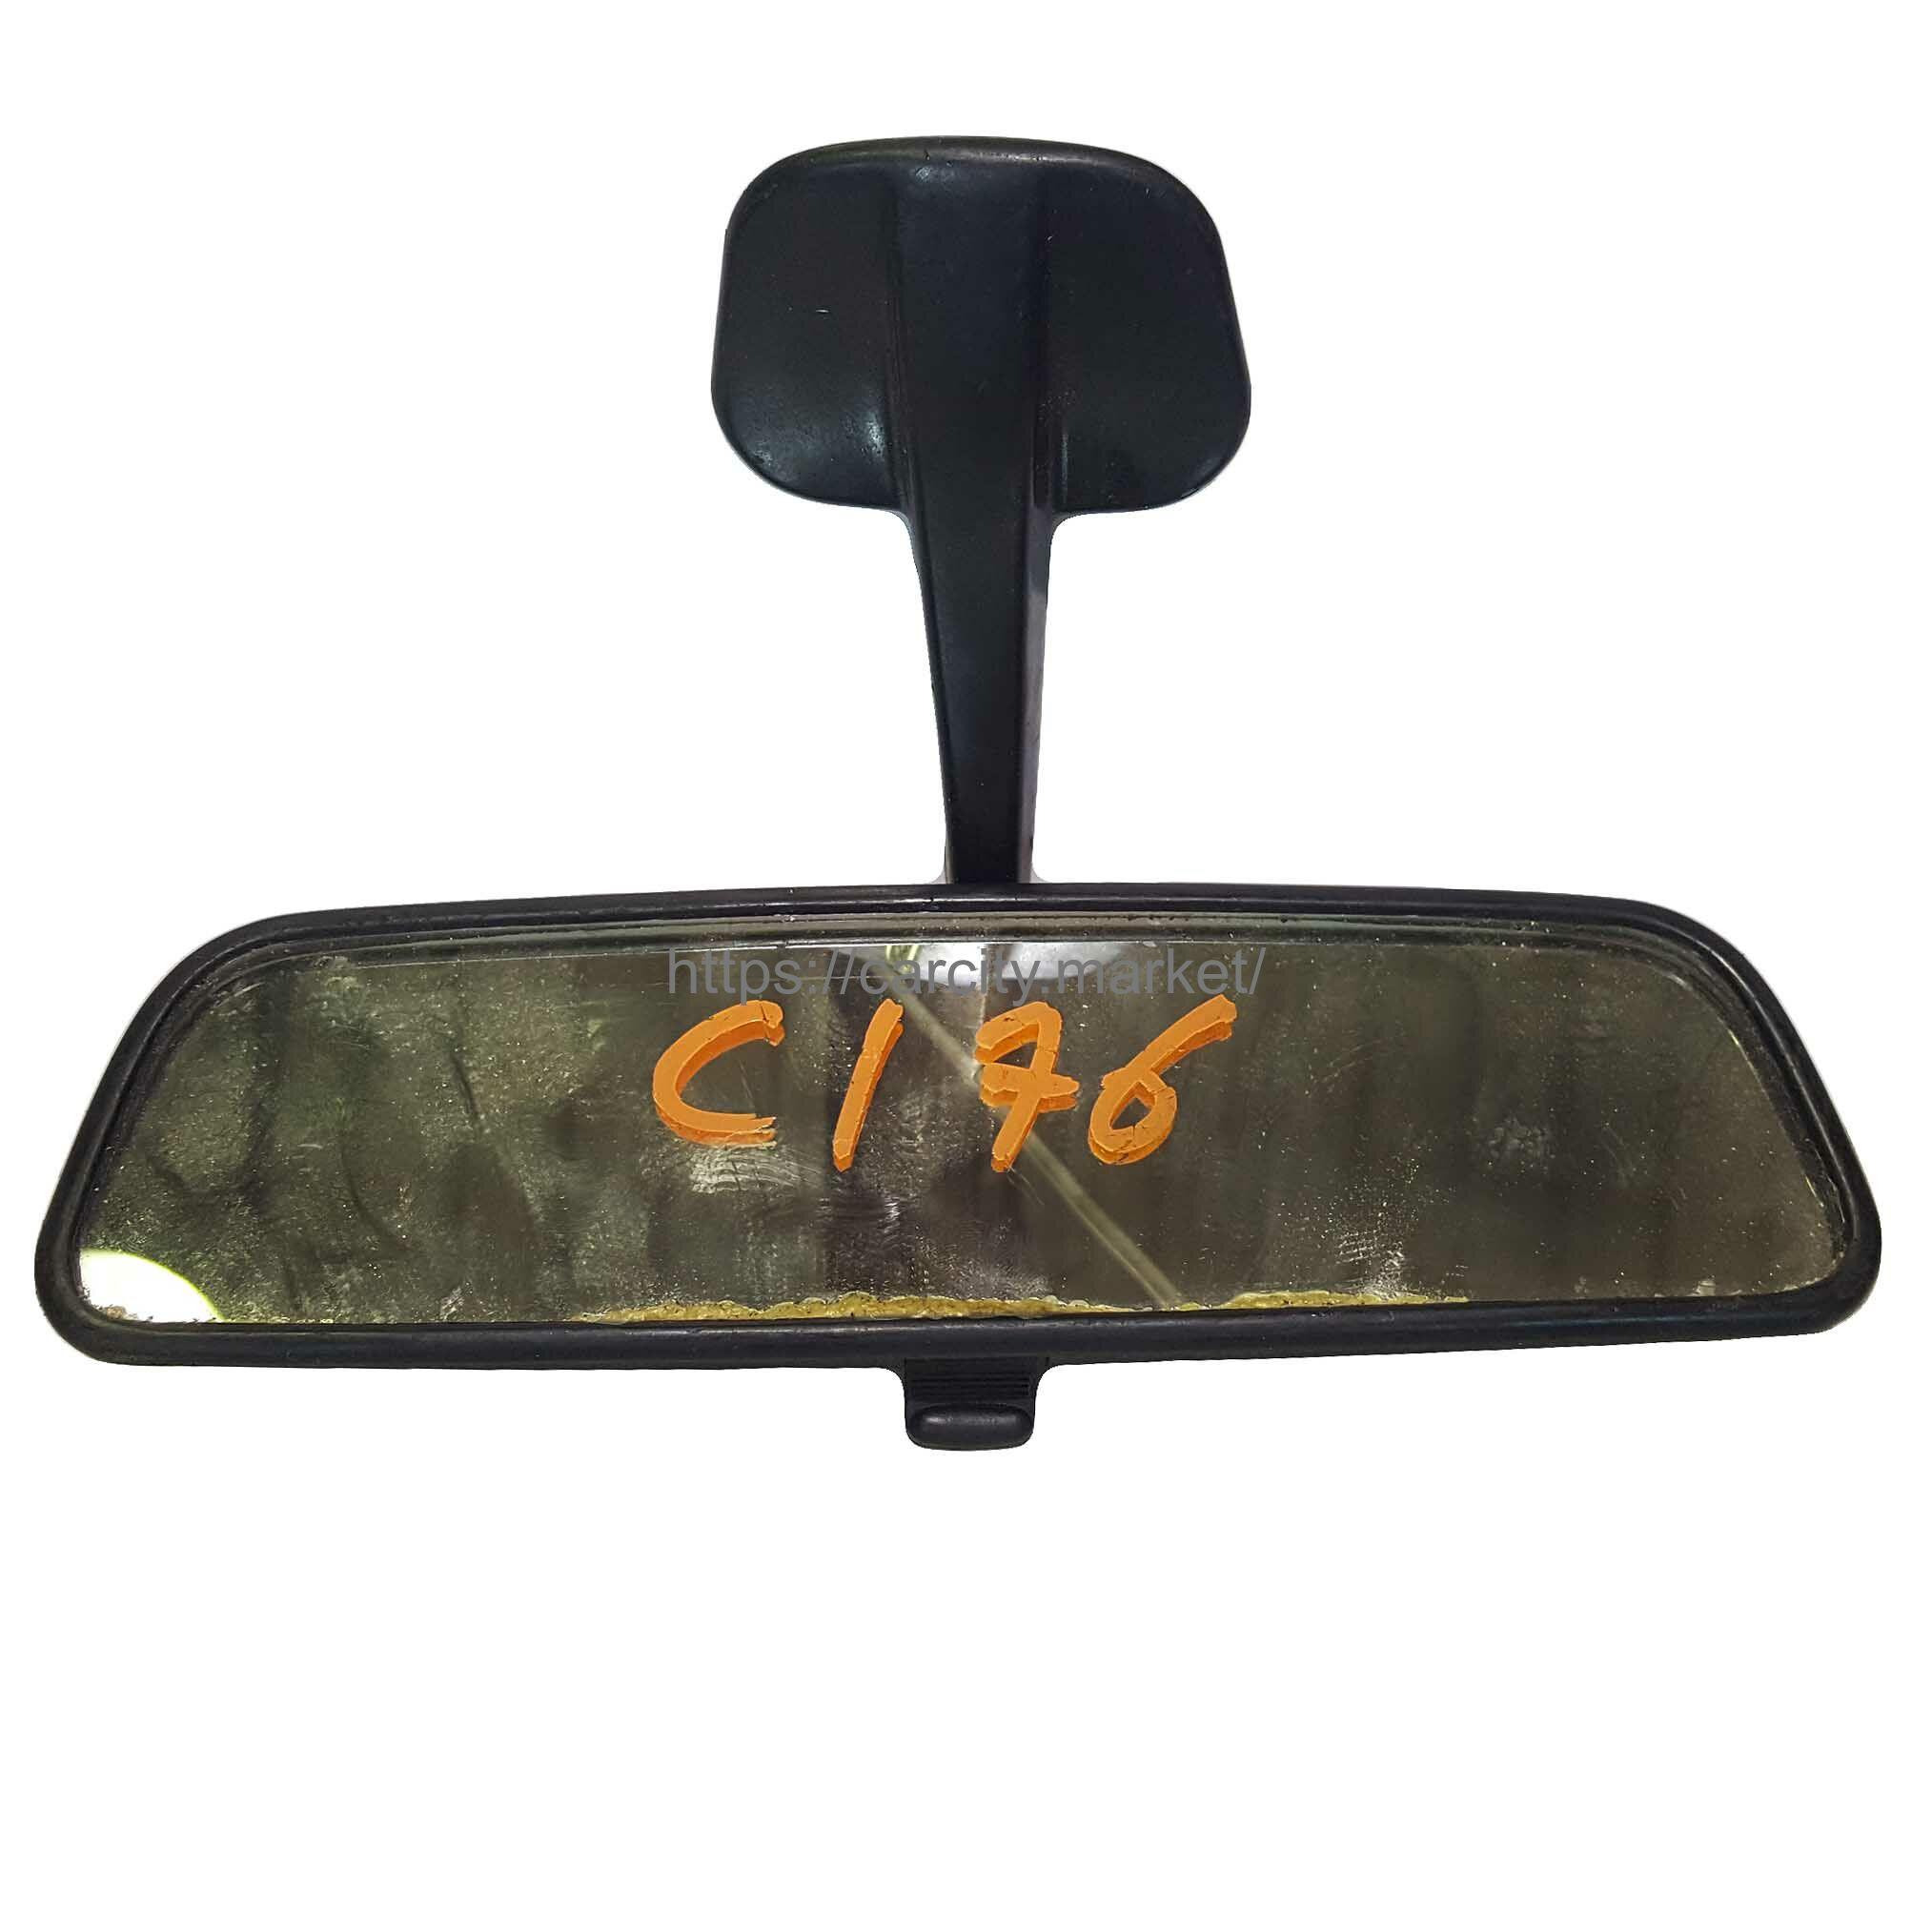 Зеркало заднего вида Jaguar XJ купить в Карсти Маркет